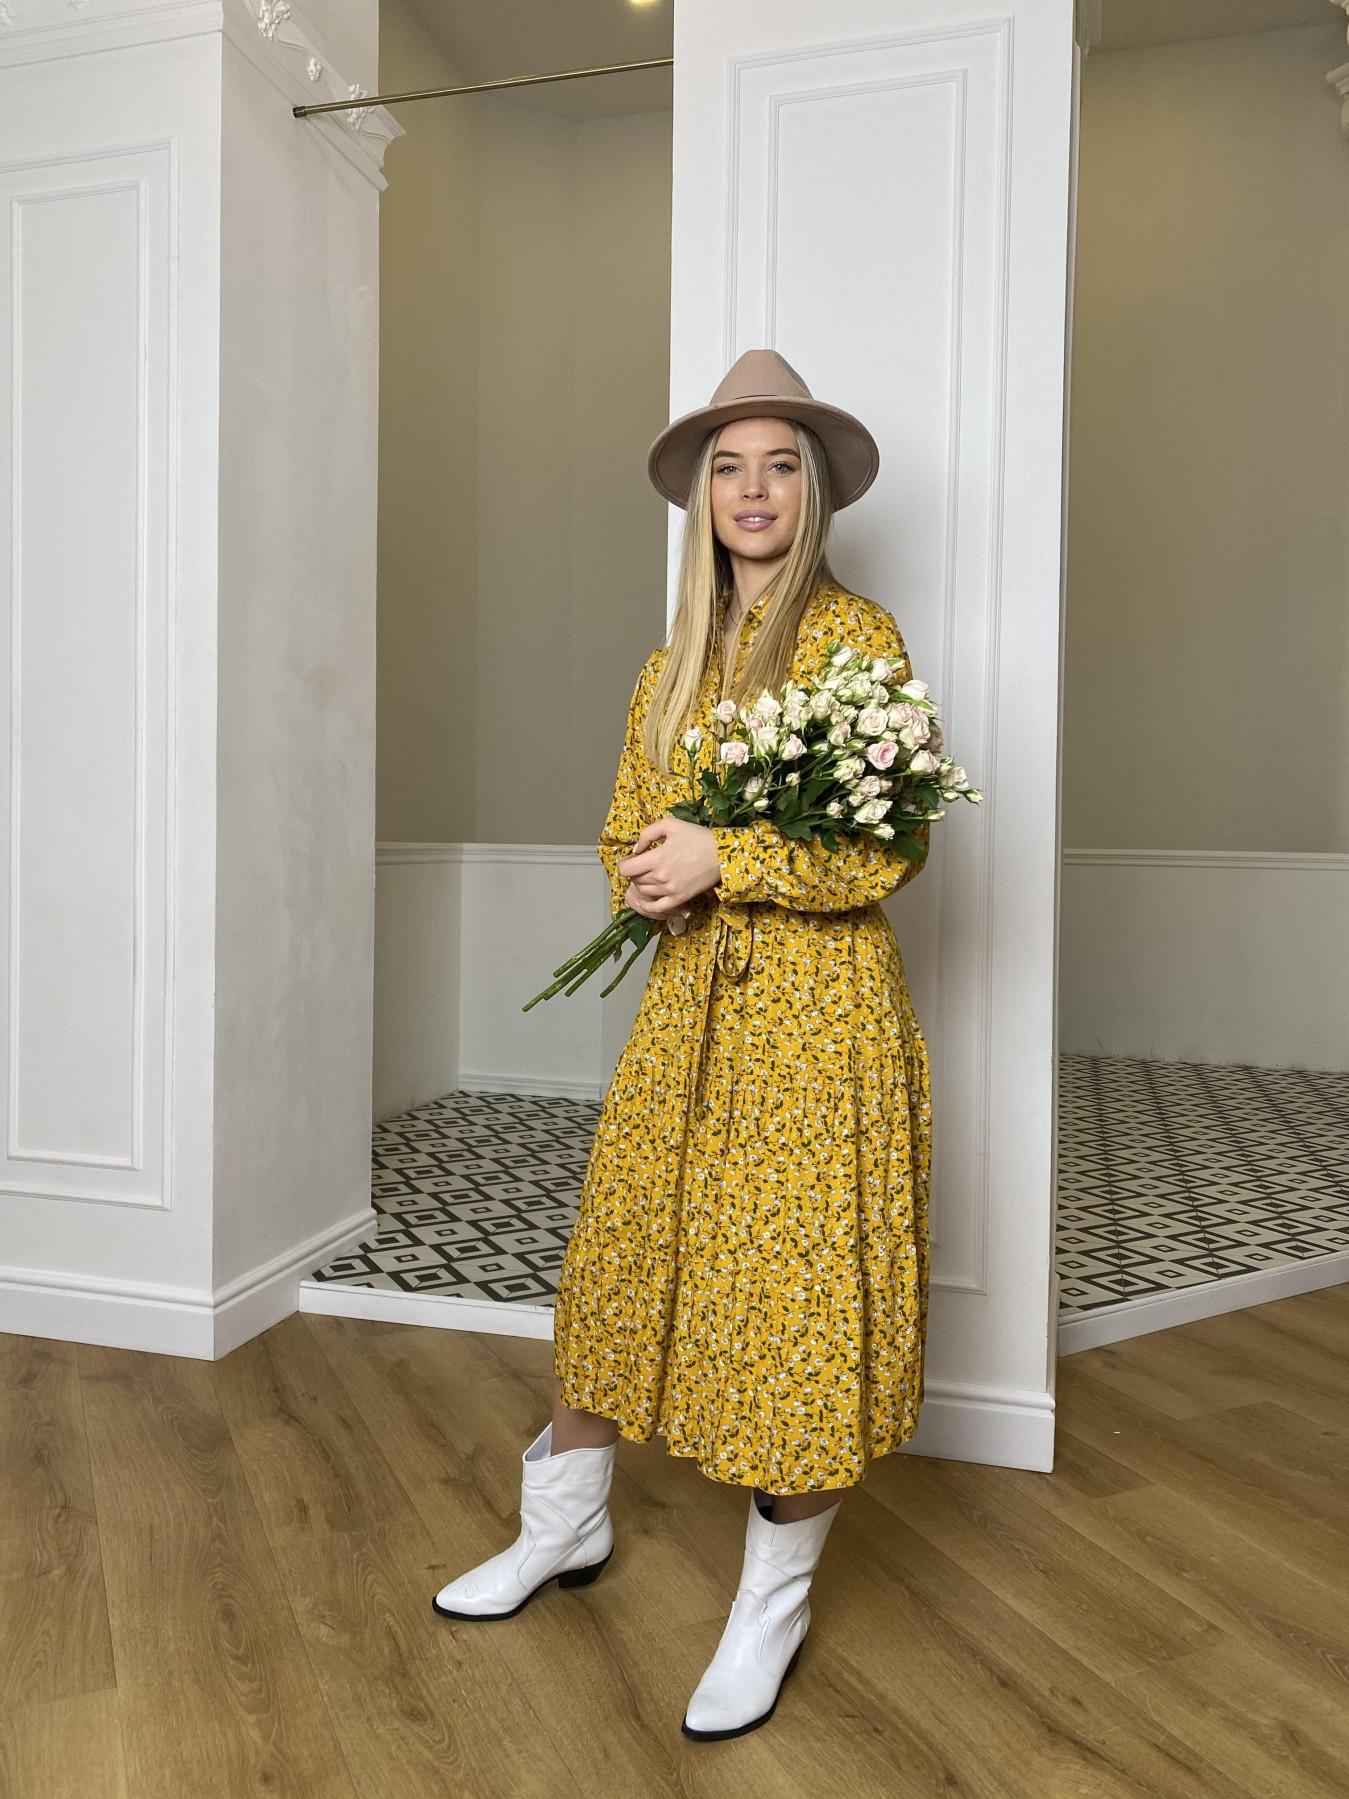 Лилия платье штапель в принт 10879 АРТ. 47350 Цвет: Цветы мел горч/бел/гол - фото 1, интернет магазин tm-modus.ru